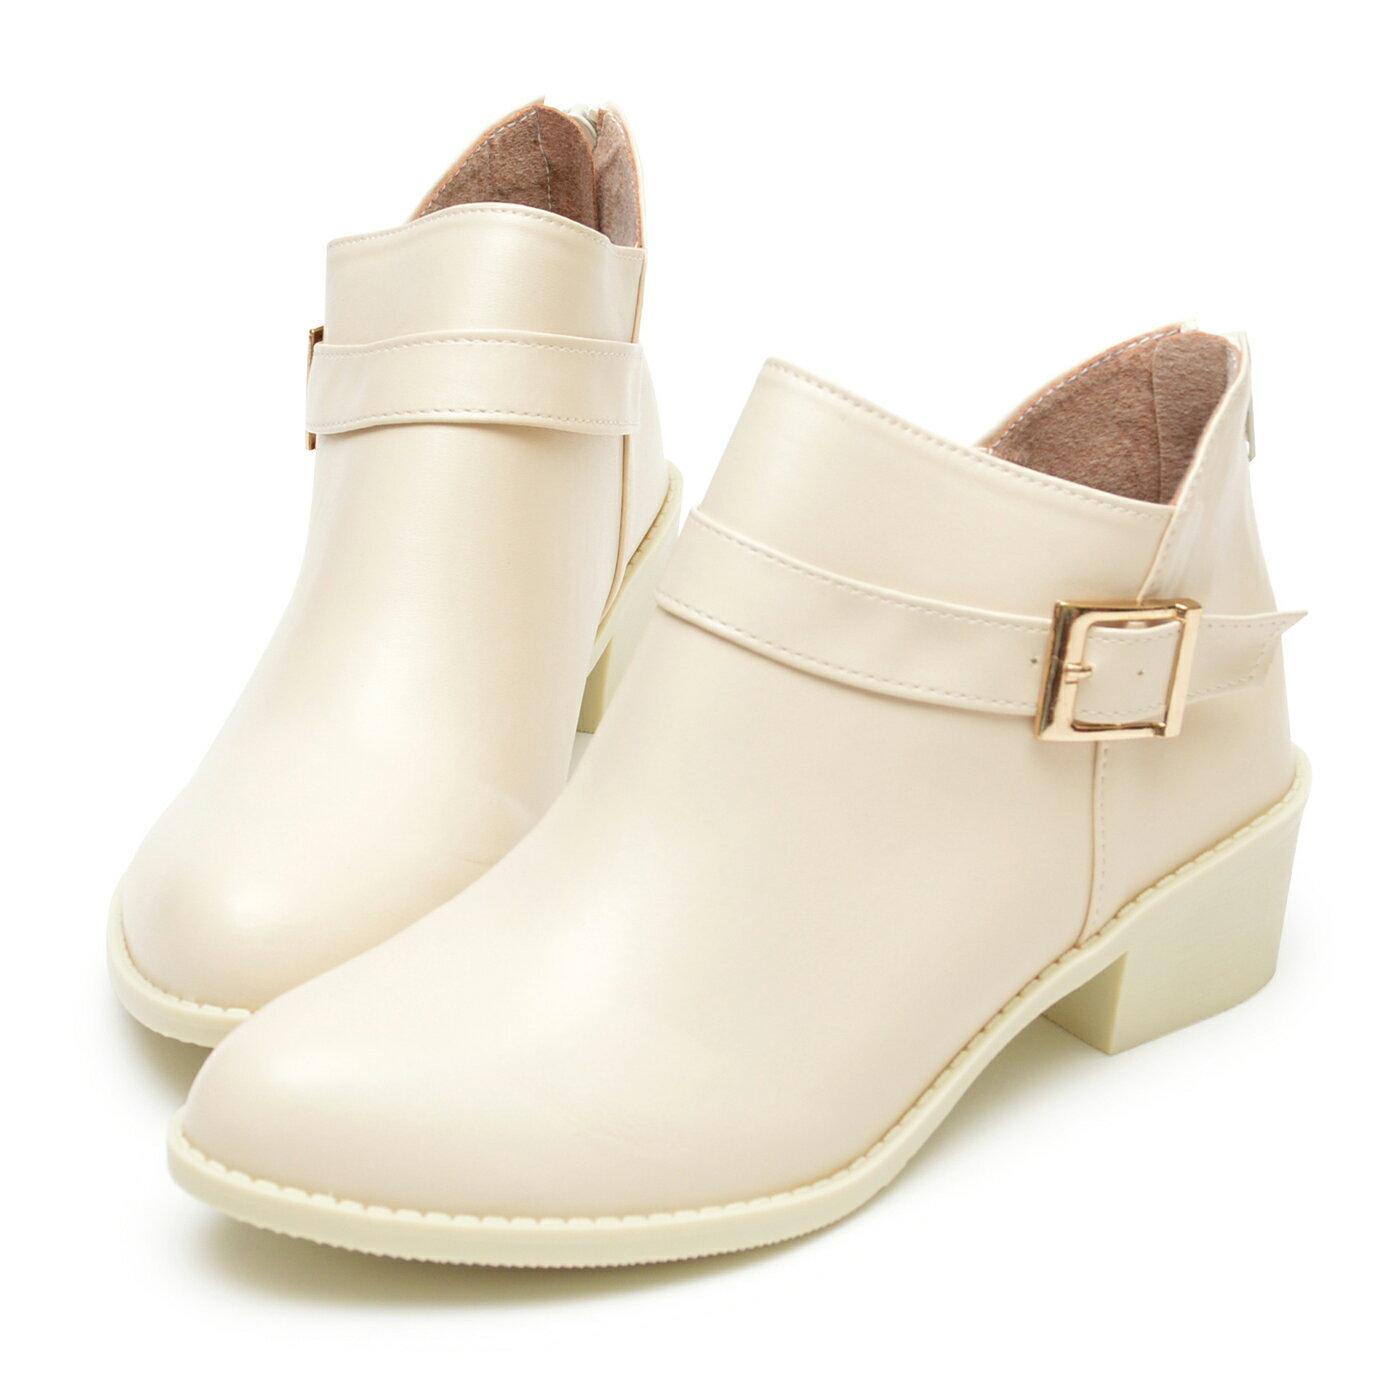 踝靴 側方釦皮革拉鍊低跟靴-米